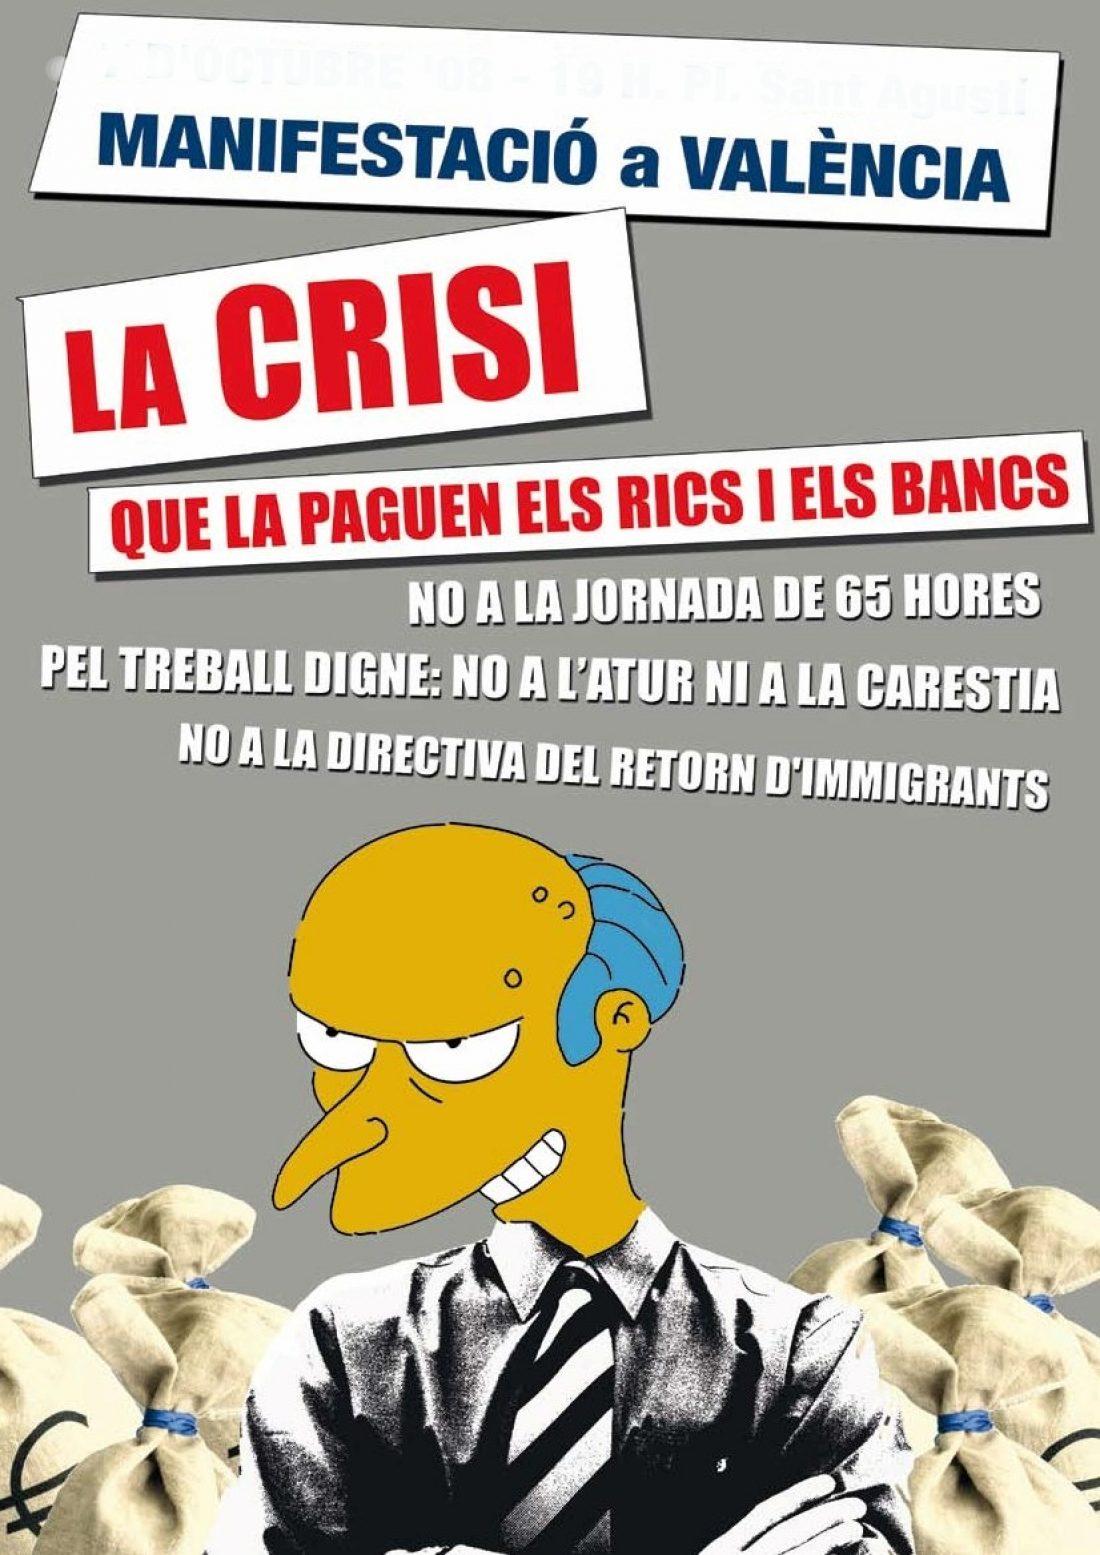 La crisis: Que la paguen los ricos y los bancos!!